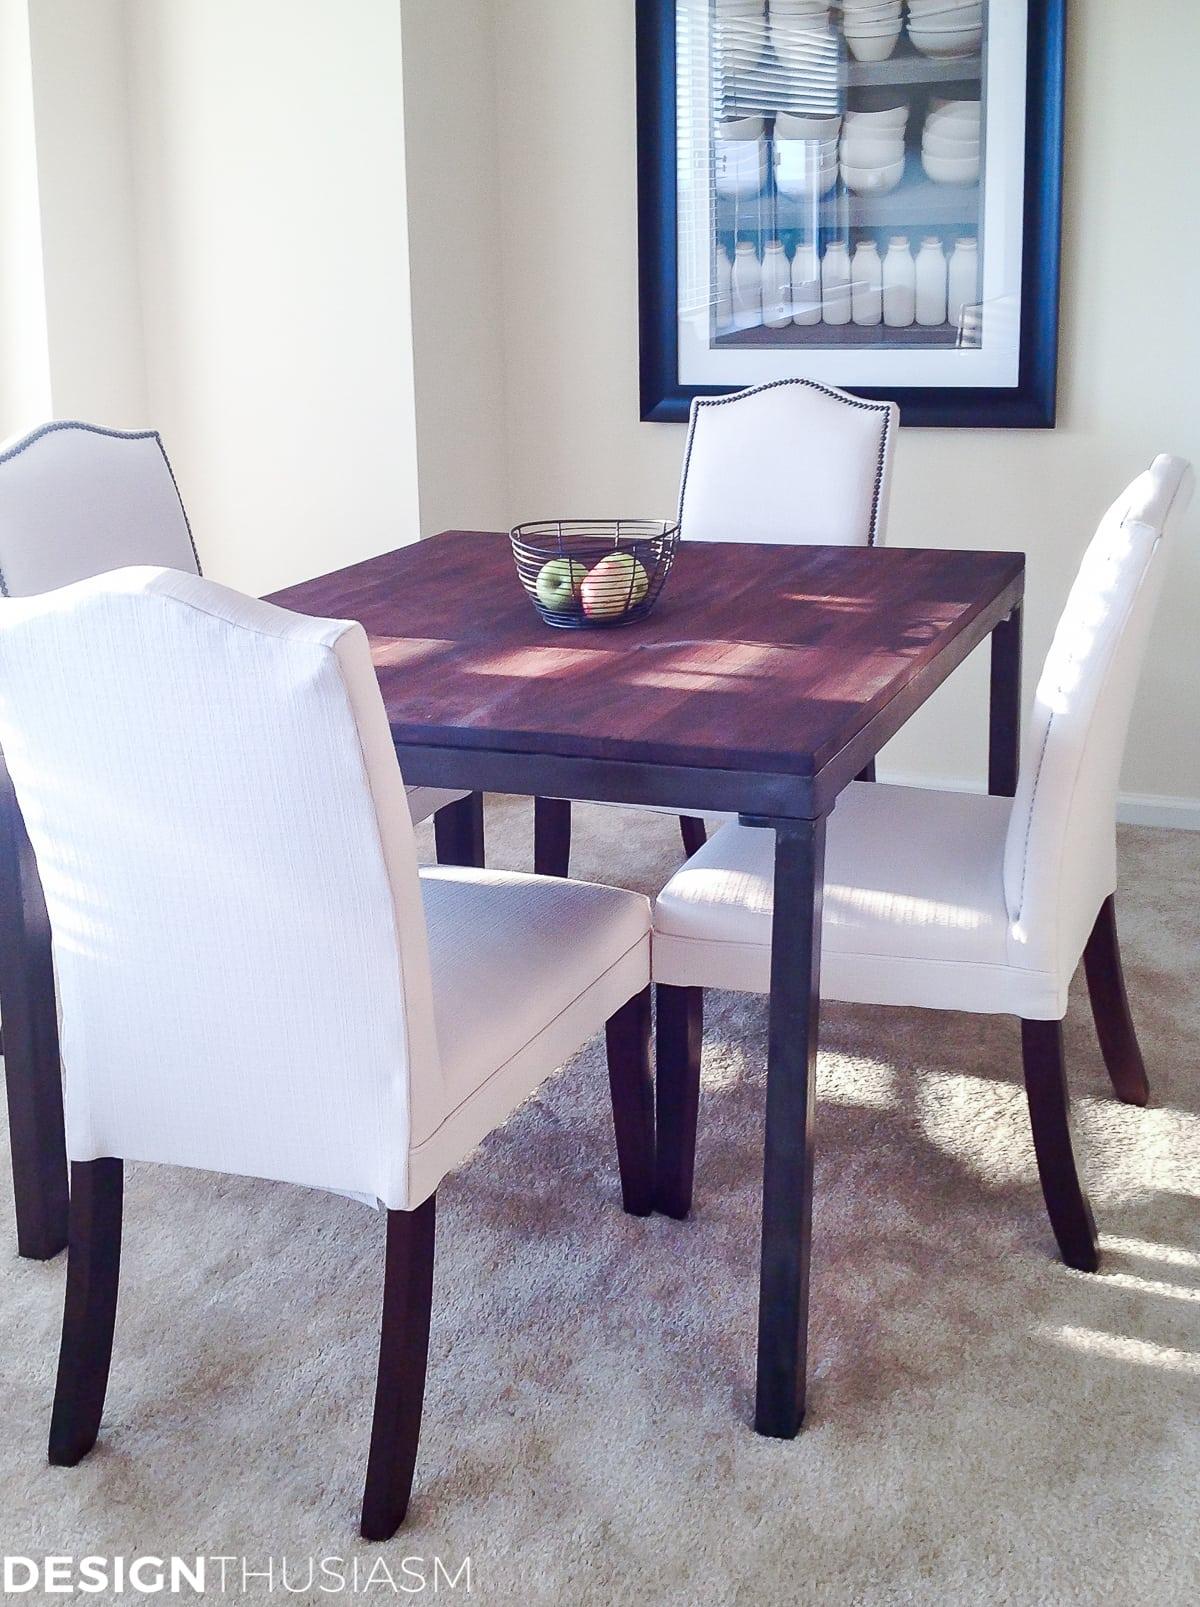 Bachelor Apartment: Small Dining Room Ideas | Designthusiasm.com